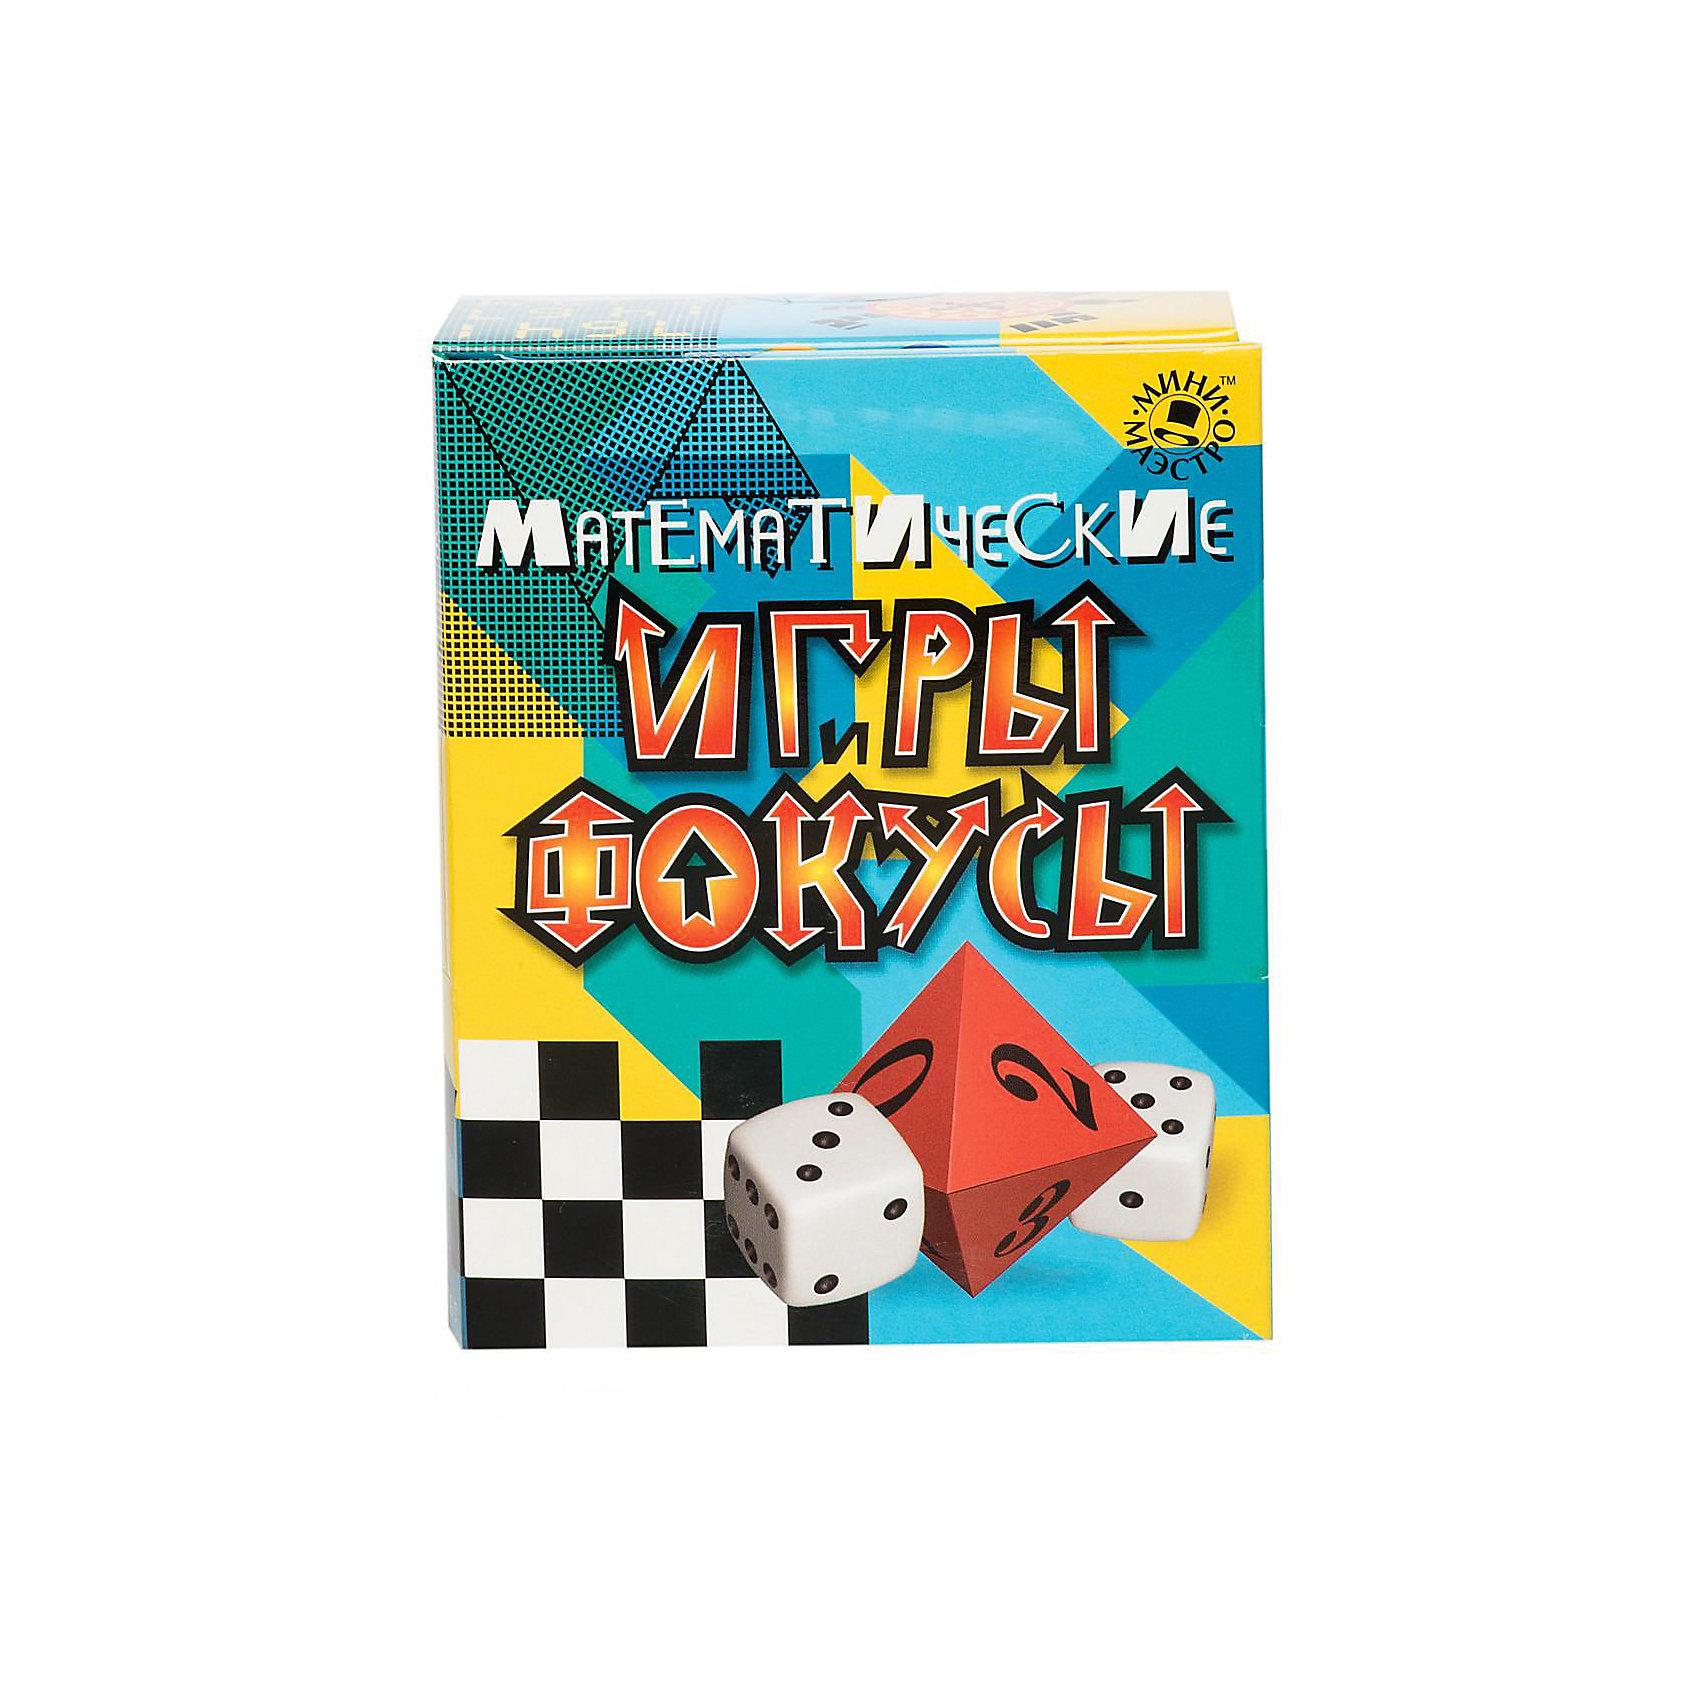 Набор Математические игры и фокусыМатематические игры и фокусы - самые честные в мире. Математики очень любят их и никогда не жульничают, зачем? Здесь все навиду, и ты начинаешь понимать, что математика-это веселая и волшебная наука! Конечно без элементарных  знаний по математике  не обойтись, но у кого их нет? Даже у черепахи они есть…<br><br>В наборе:<br>- 48-страничная книга-инструкция с цветными иллюстрациями<br>- большие и маленькие пазлы<br>- 14 двухсторонних шашек<br>- 3 игральных кубика<br>- 15 деревянных палочек<br>- 1 металлическая головоломка<br><br>Ширина мм: 95<br>Глубина мм: 52<br>Высота мм: 120<br>Вес г: 300<br>Возраст от месяцев: 72<br>Возраст до месяцев: 144<br>Пол: Мужской<br>Возраст: Детский<br>SKU: 3392047